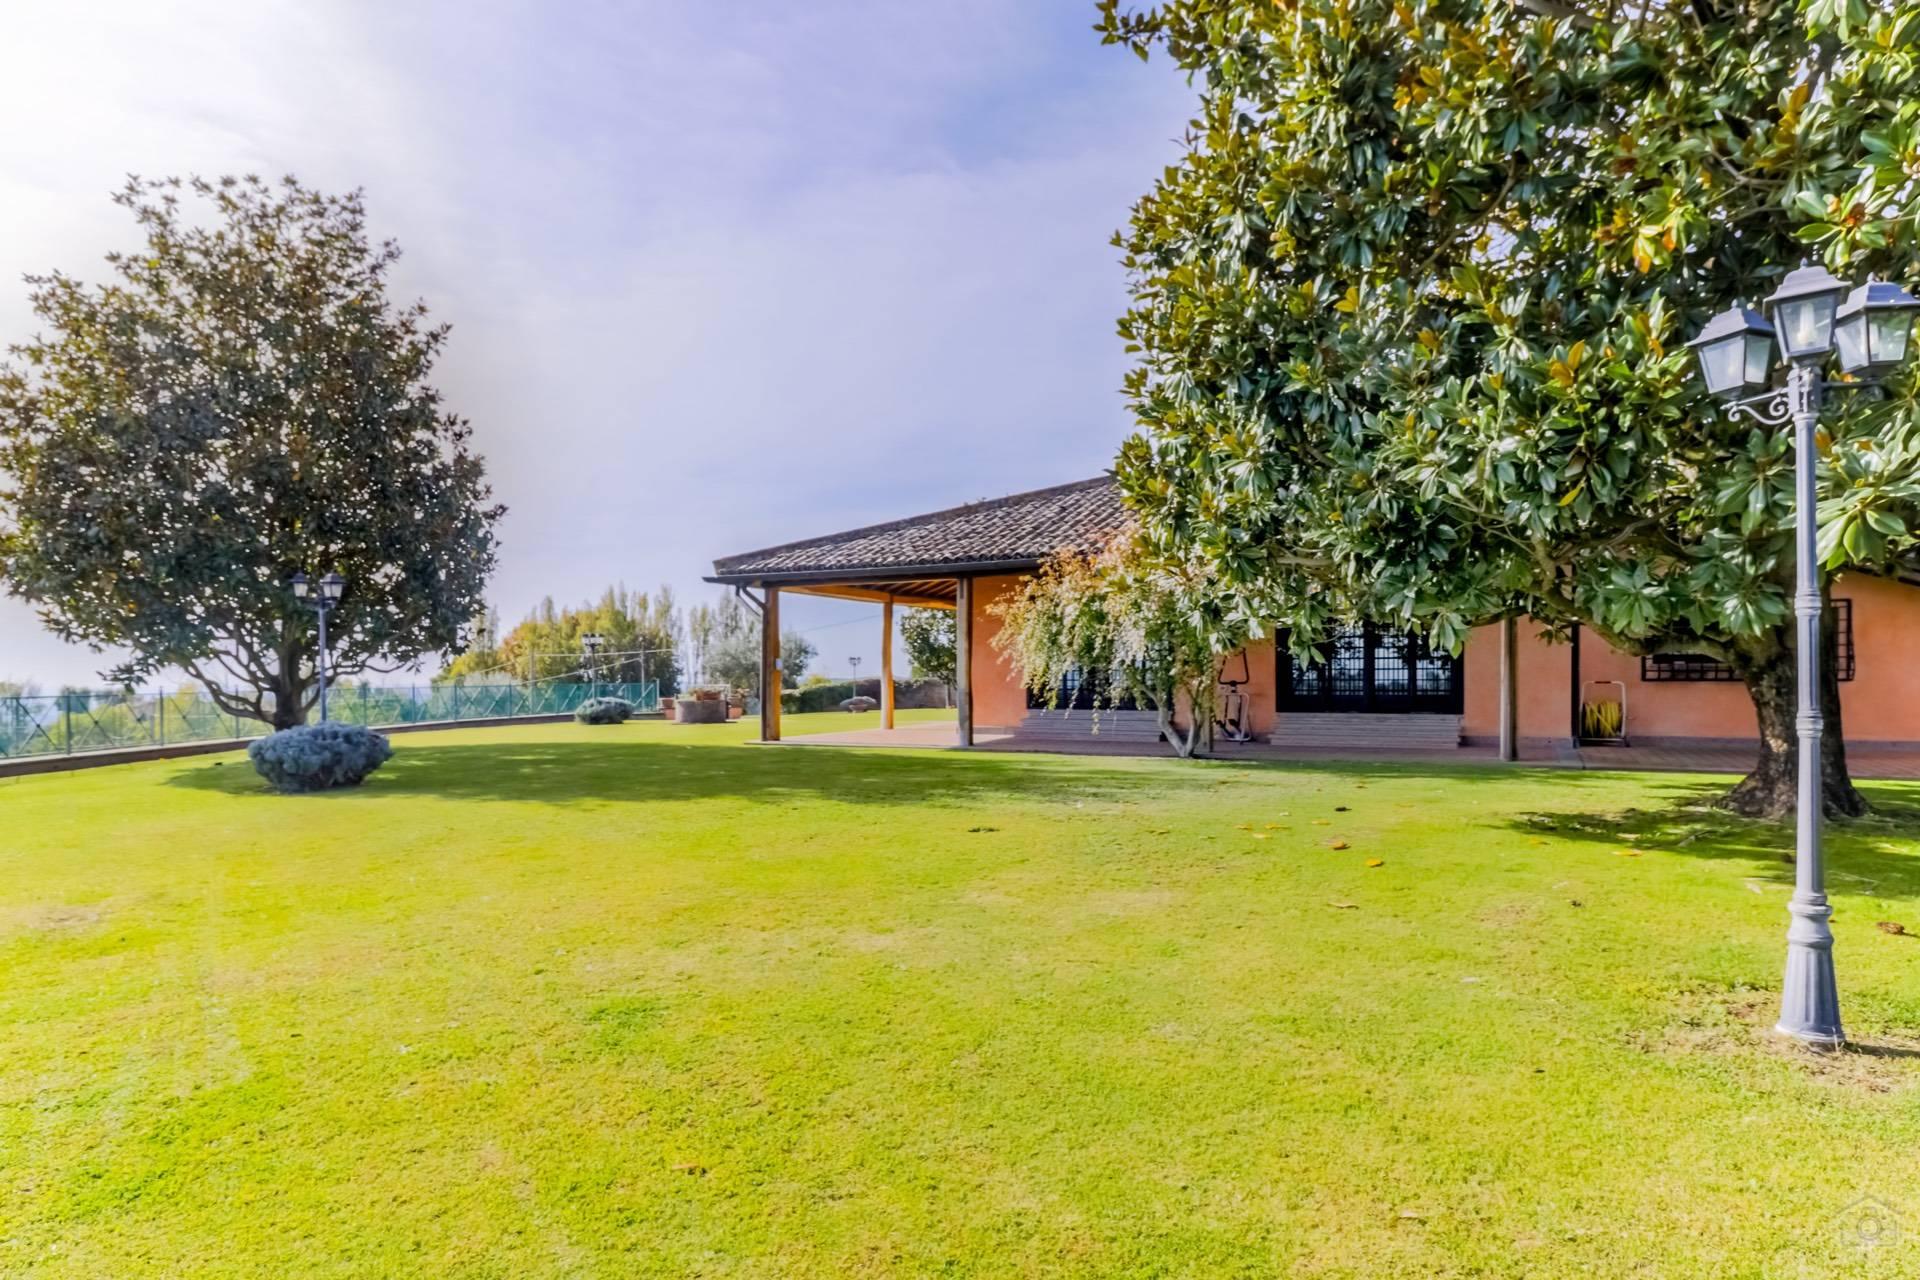 Villa in Vendita a Sacrofano: 5 locali, 180 mq - Foto 22